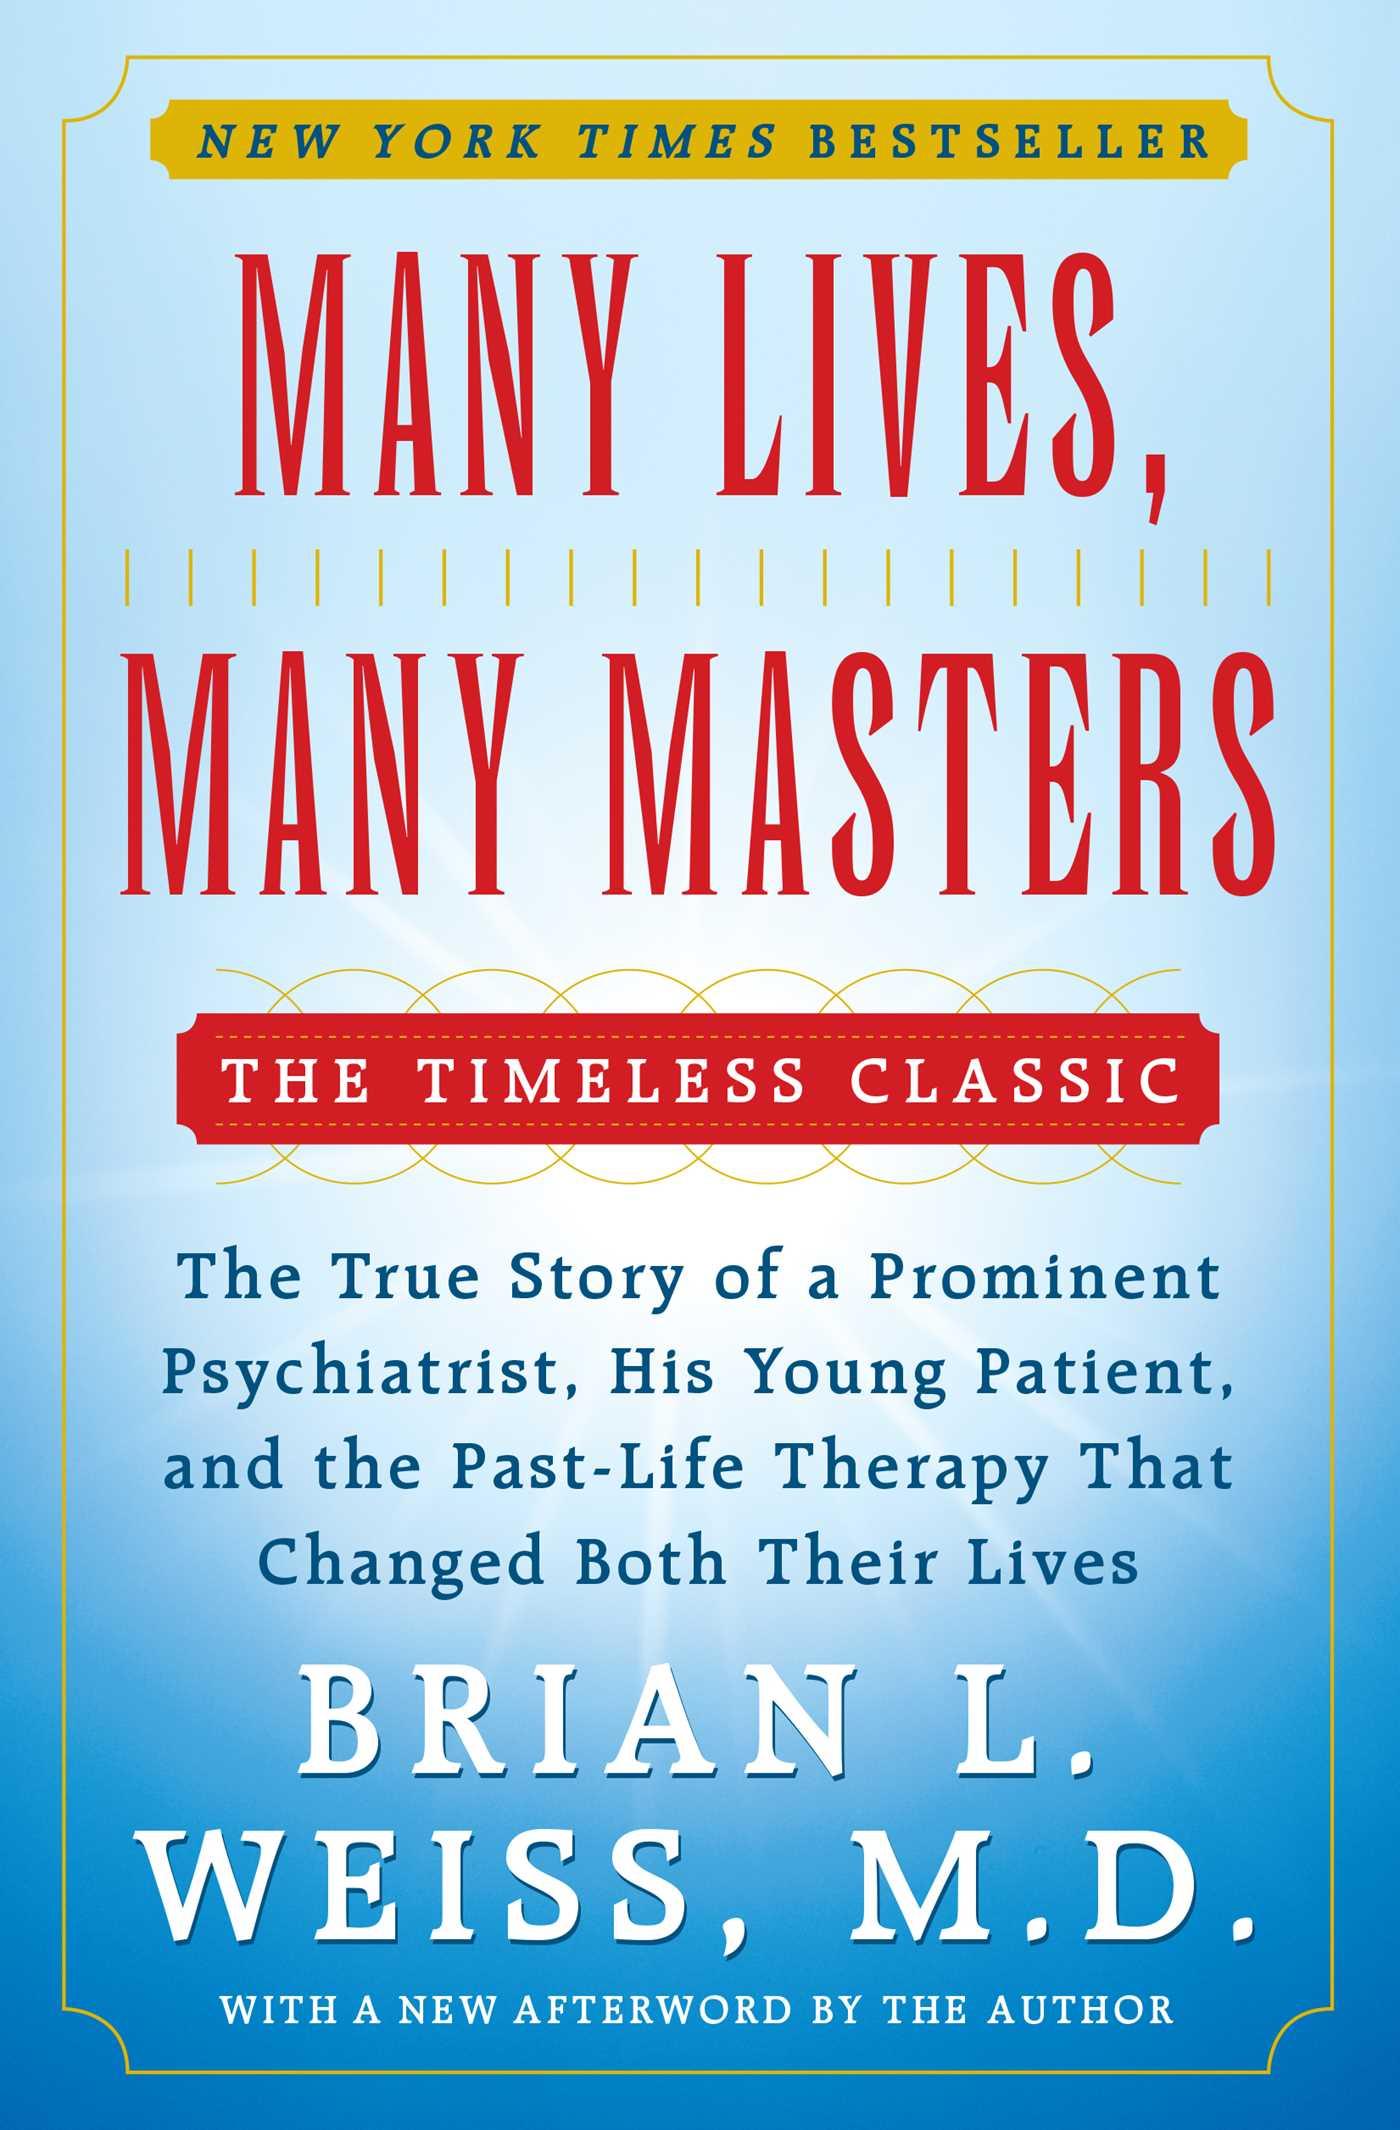 Many lives many masters 9780671657864 hr